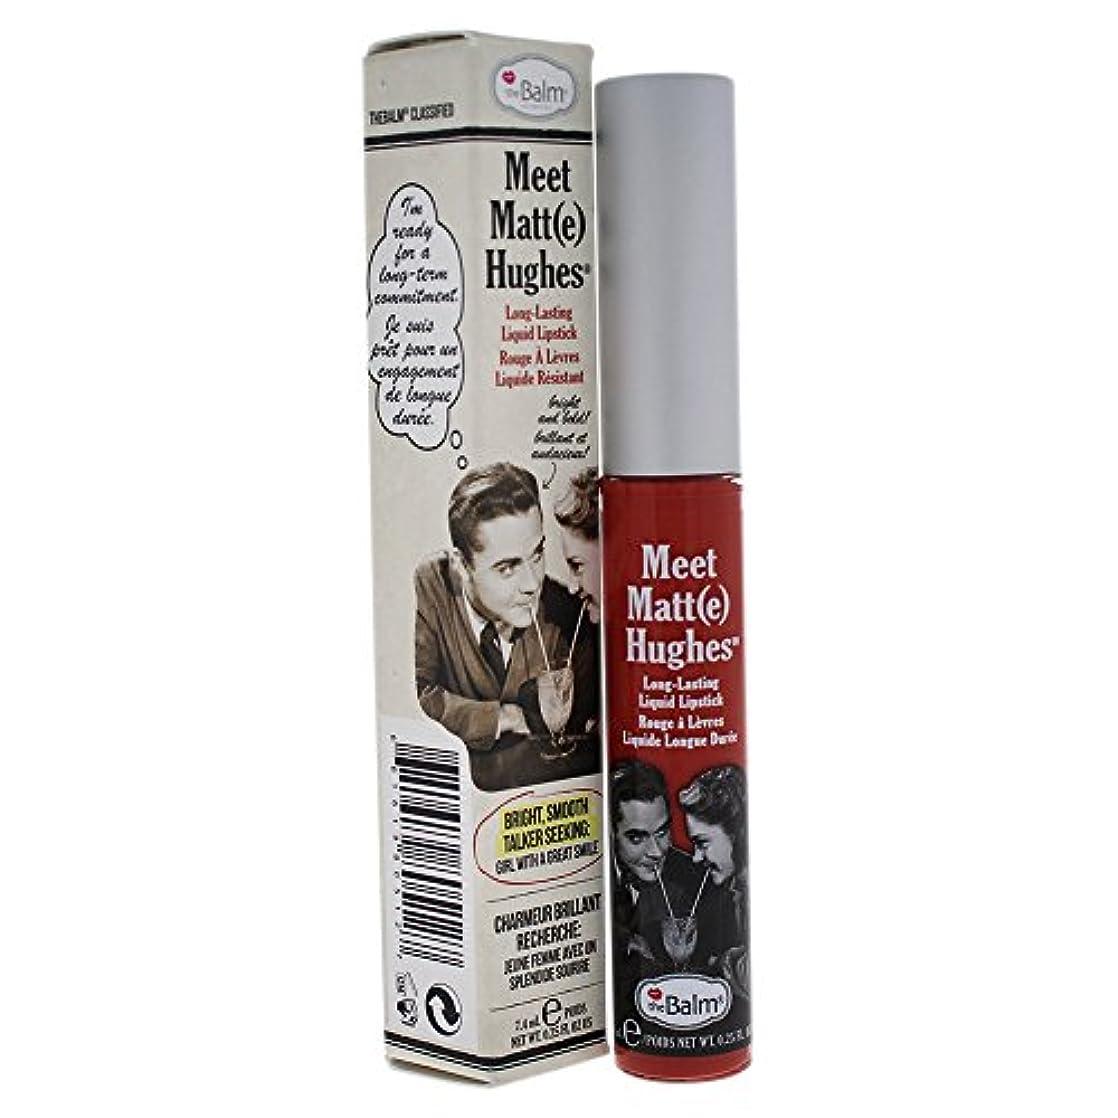 応じる軸バンジョーザバーム Meet Matte Hughes Long Lasting Liquid Lipstick - Honest 7.4ml/0.25oz並行輸入品